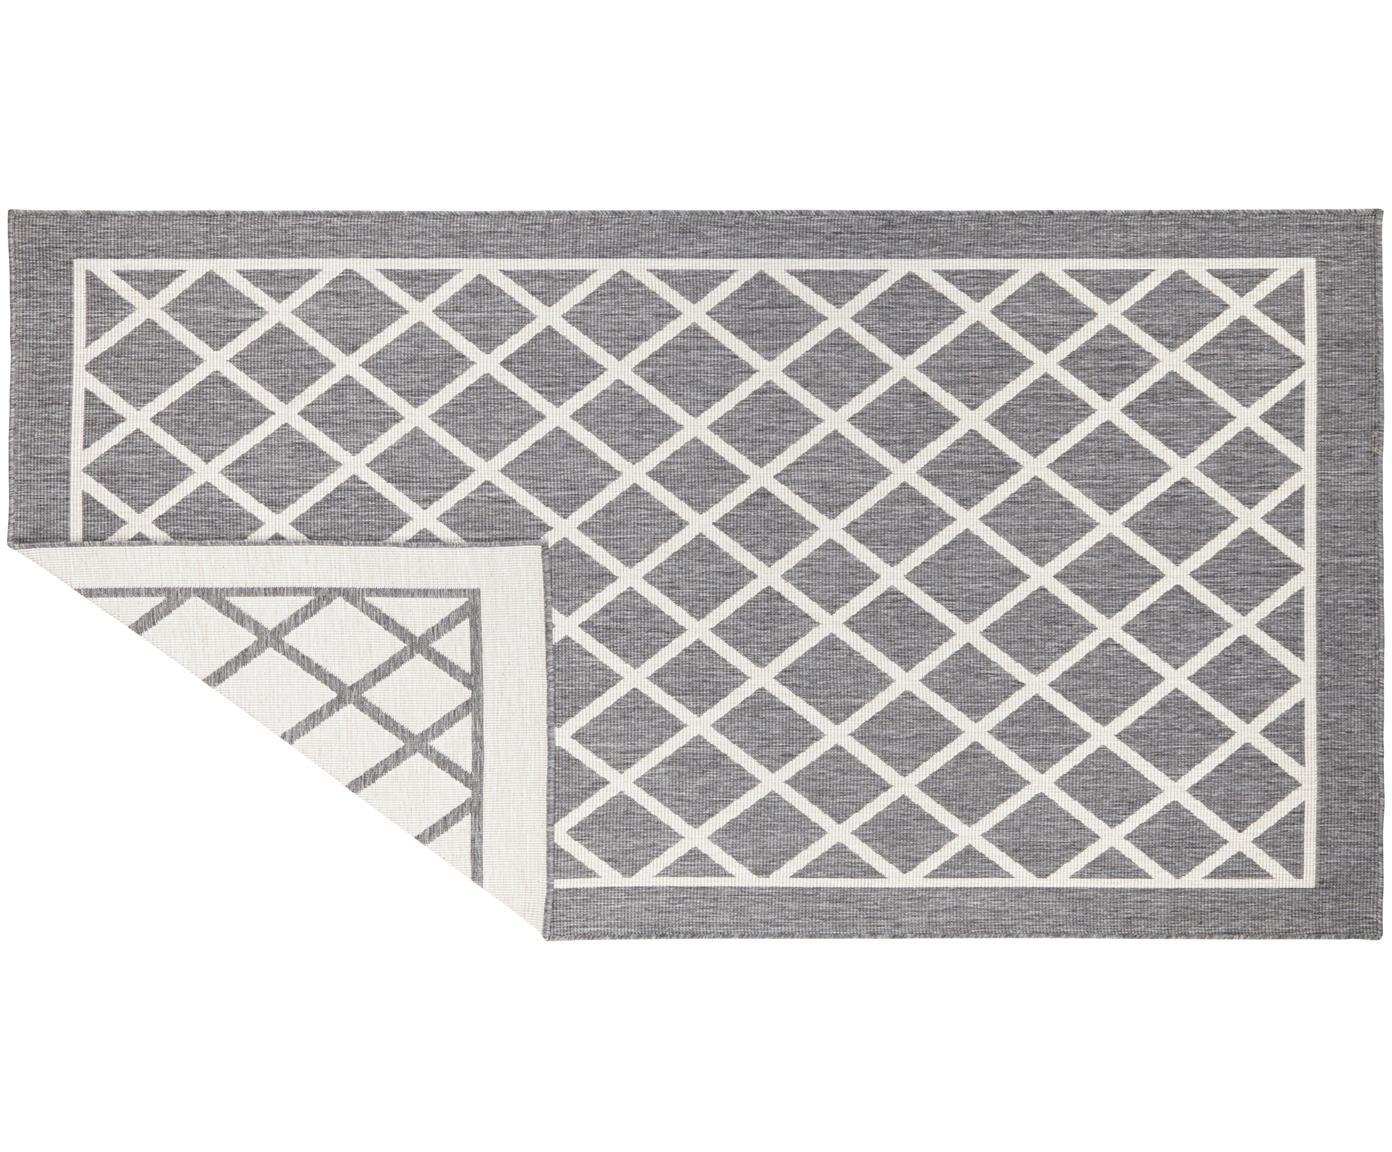 Tappeto reversibile da interno-esterno Sydney, Grigio, crema, Larg. 80 x Lung. 150 cm (taglia XS)